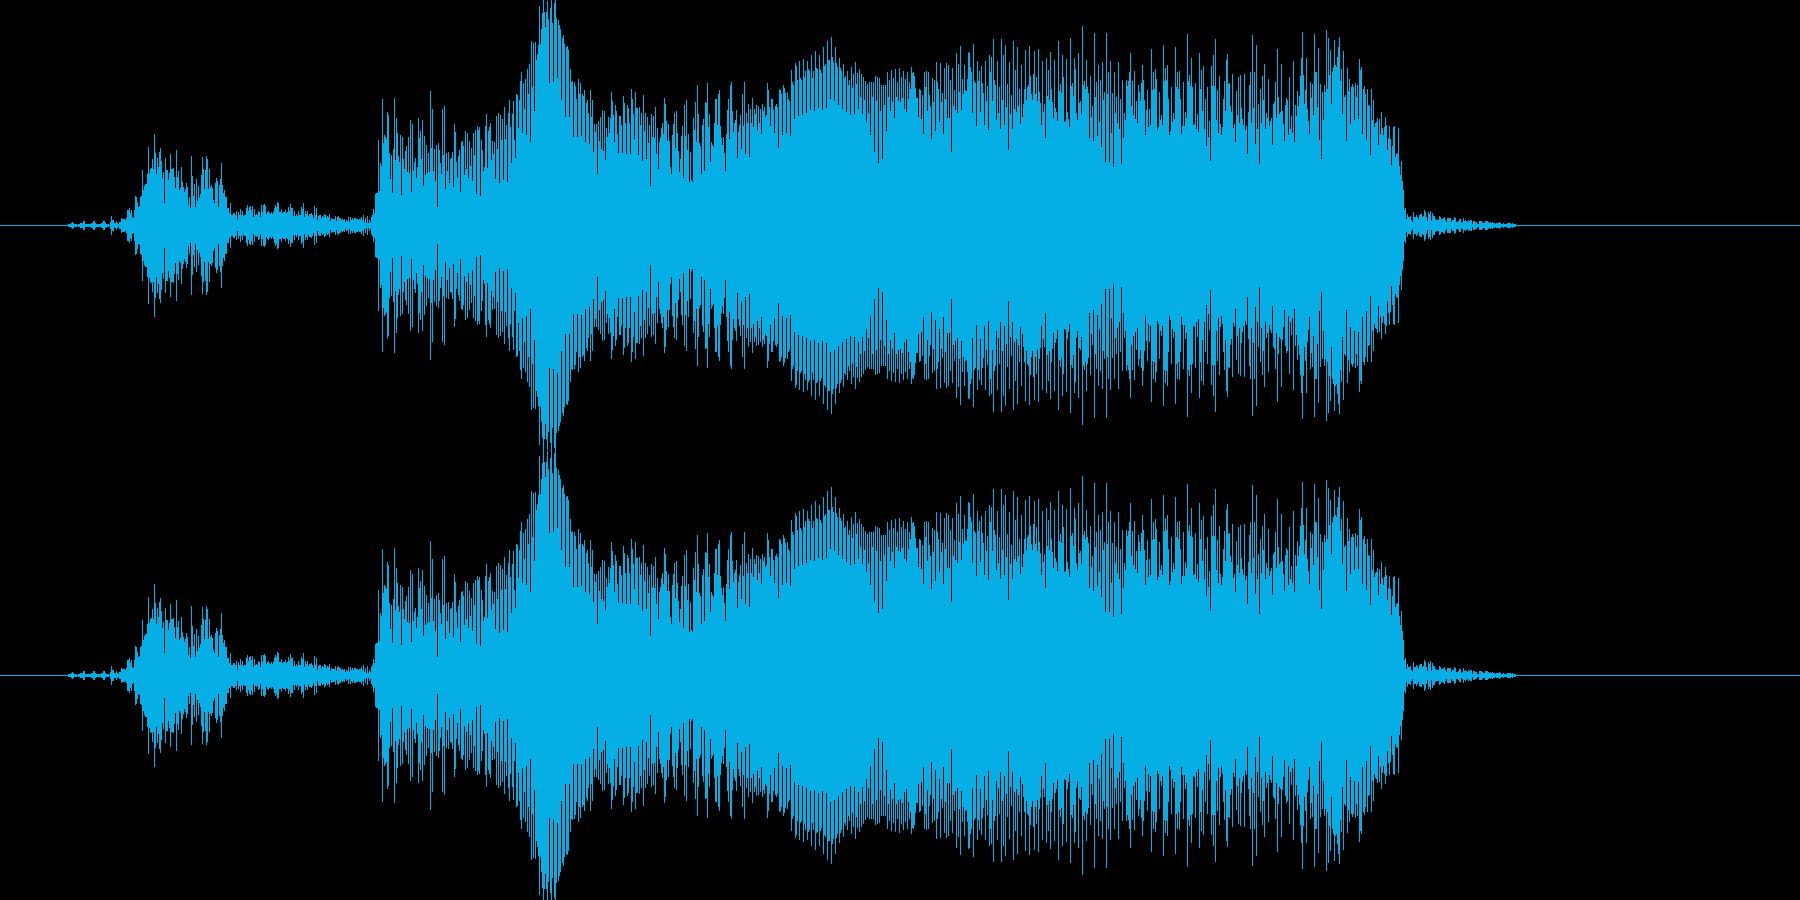 「がんばれー!!」の再生済みの波形